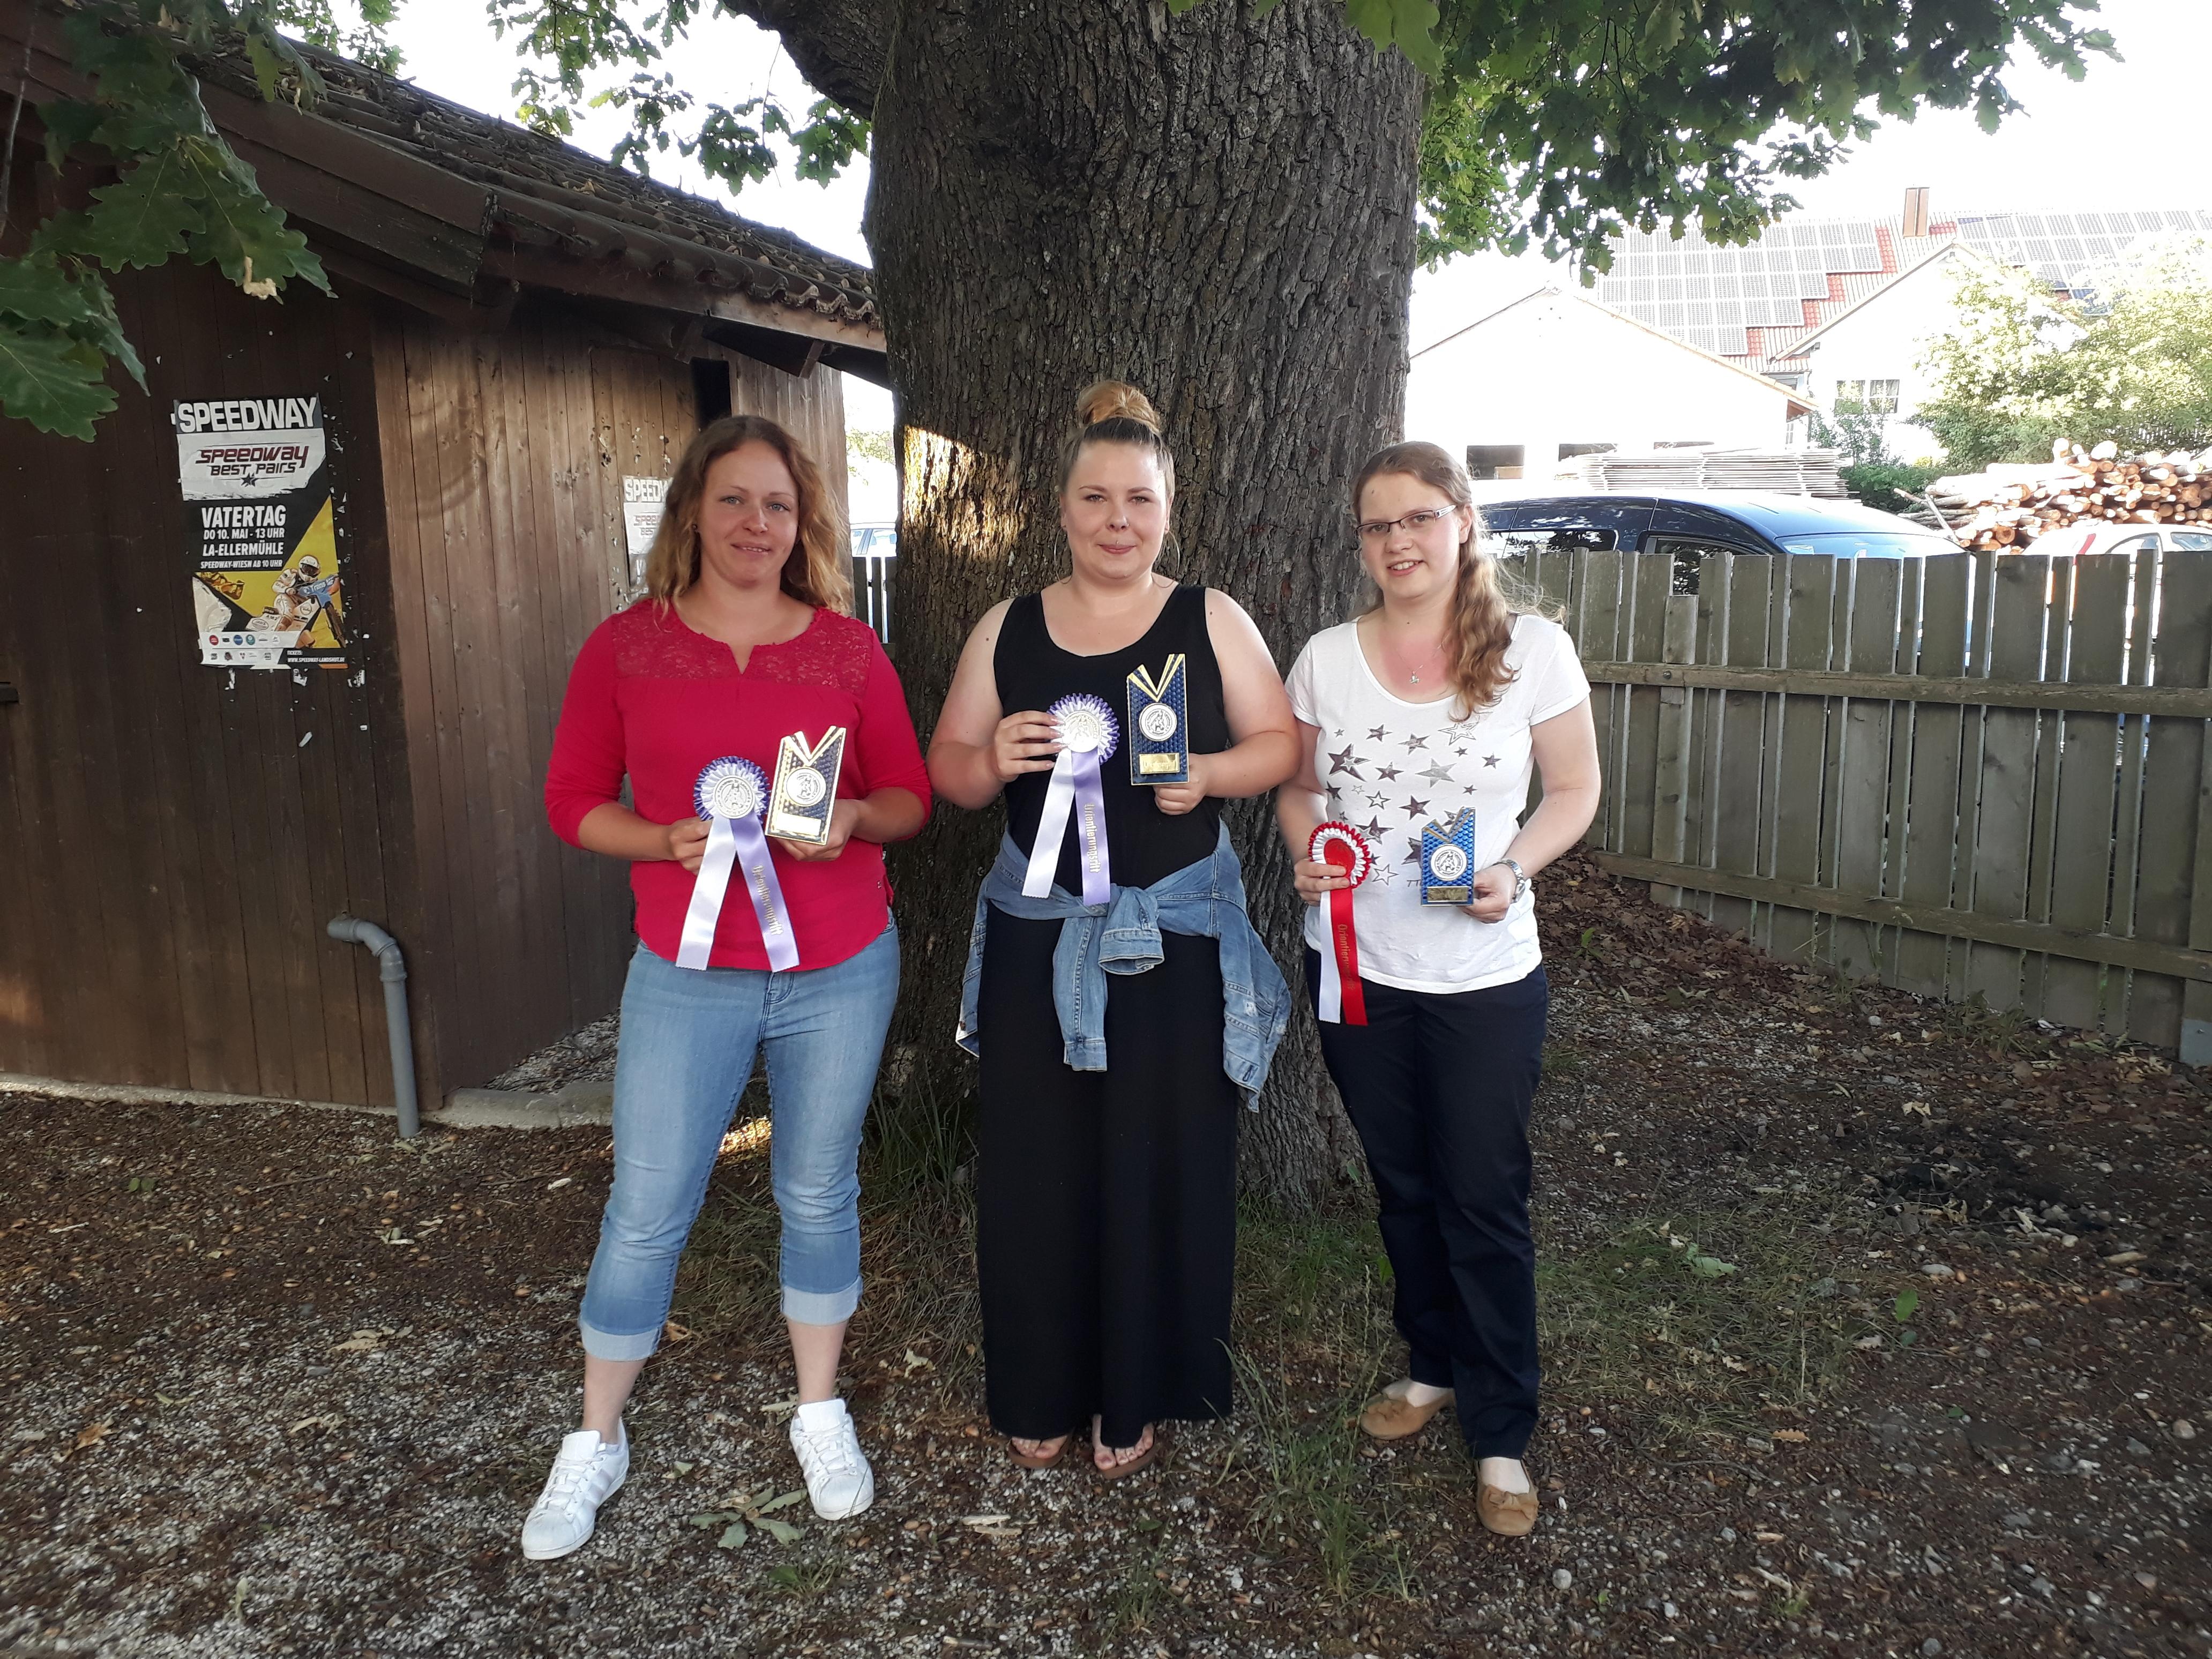 Bild von links: Weber Julia 2. Platz, i. V. Beischl Sarah für Mirlach Sabrina 1. Platz, Ablaßmeier Cornelia 3. Platz